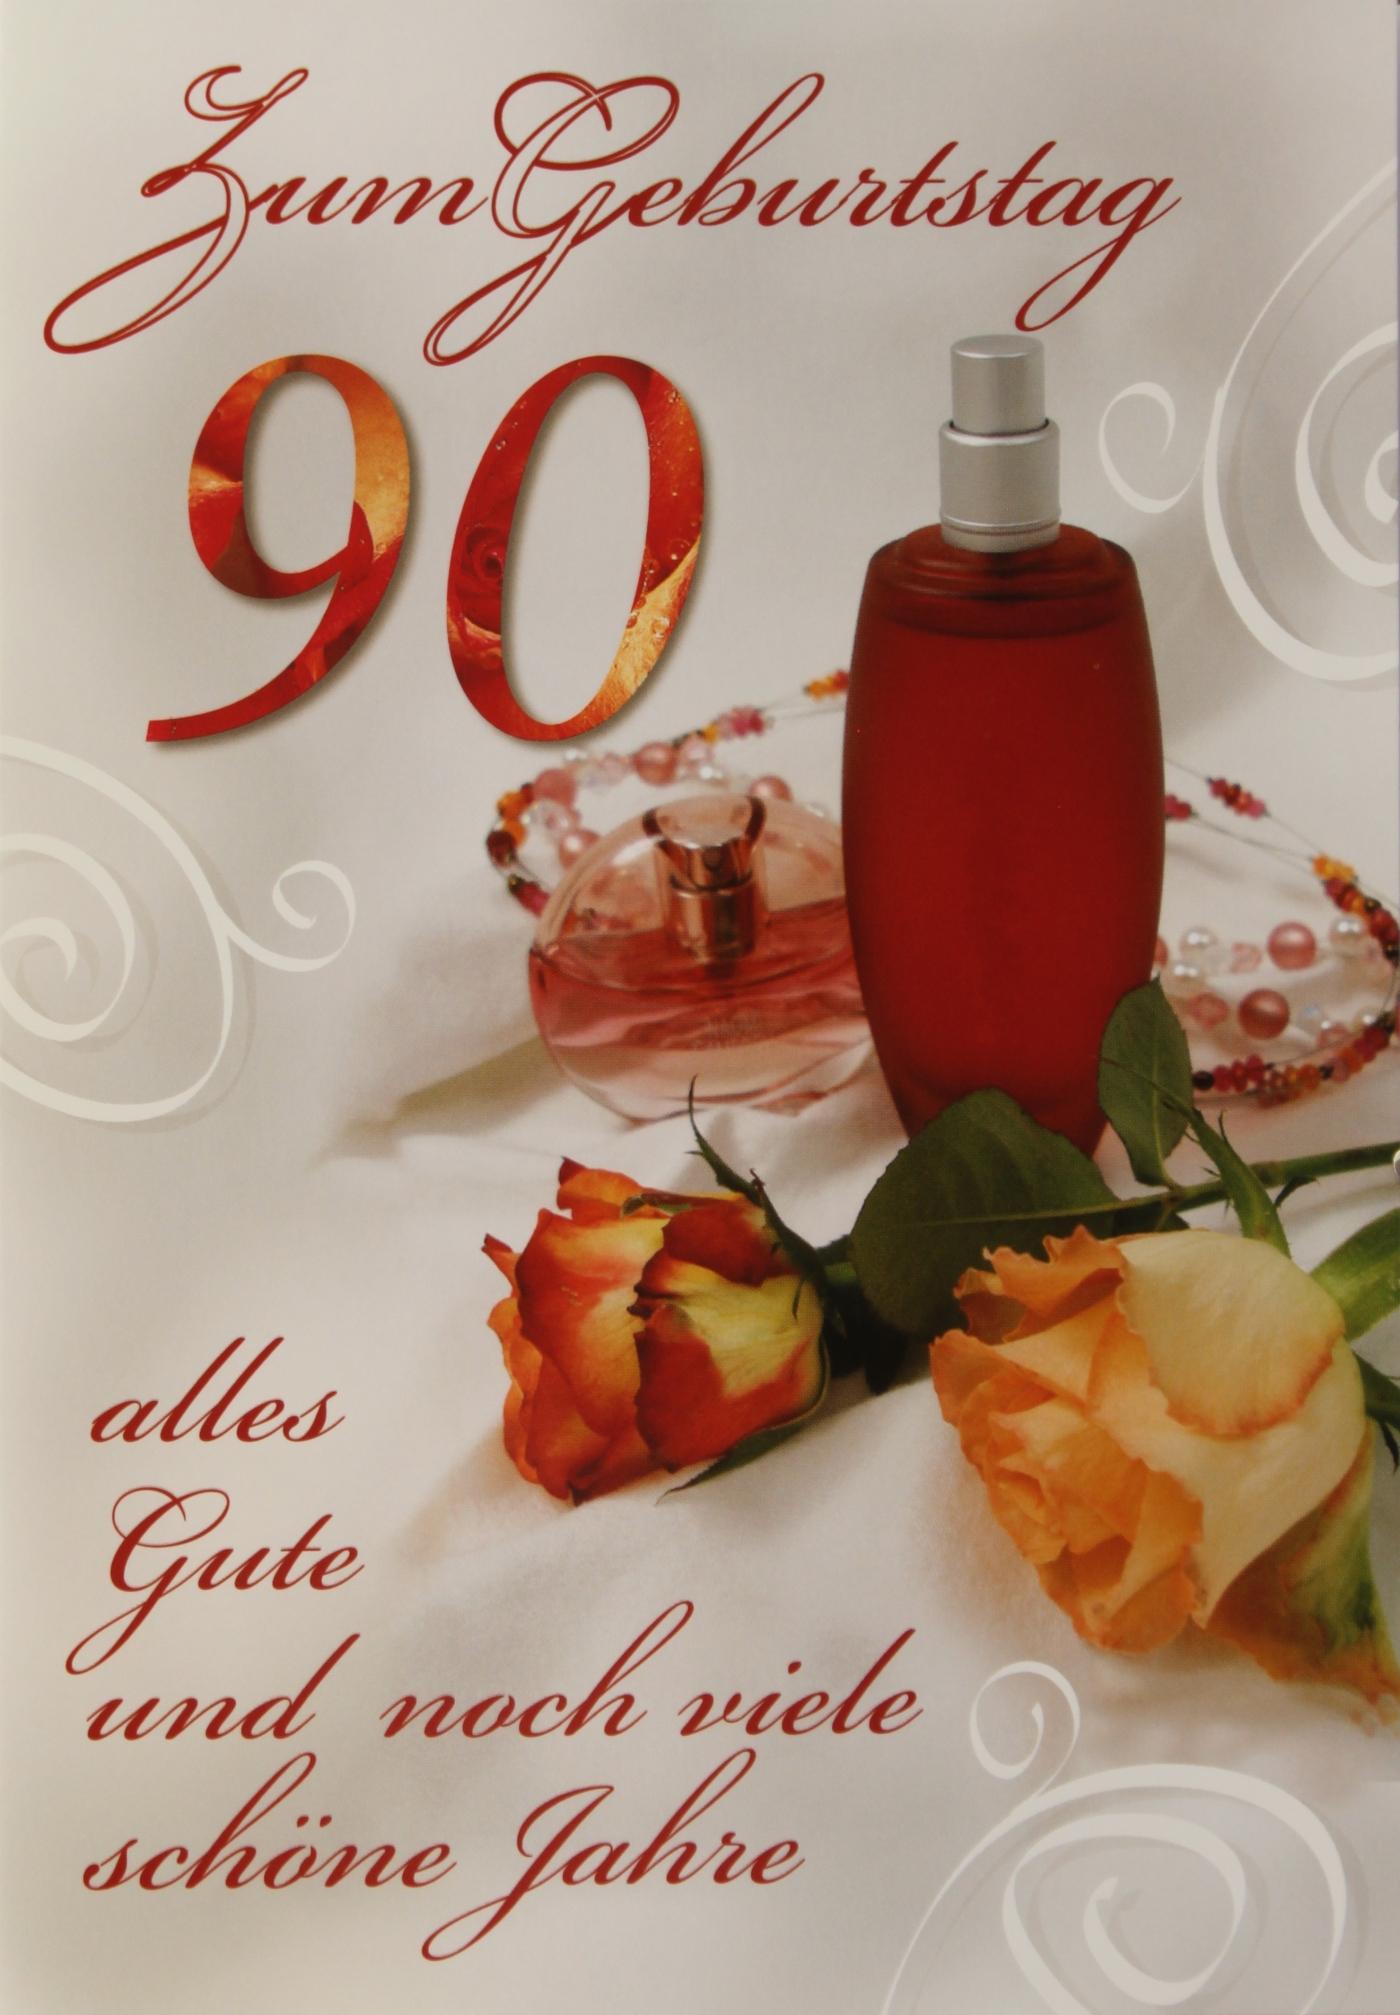 Gluckwunschkarten zum 90 geburtstag